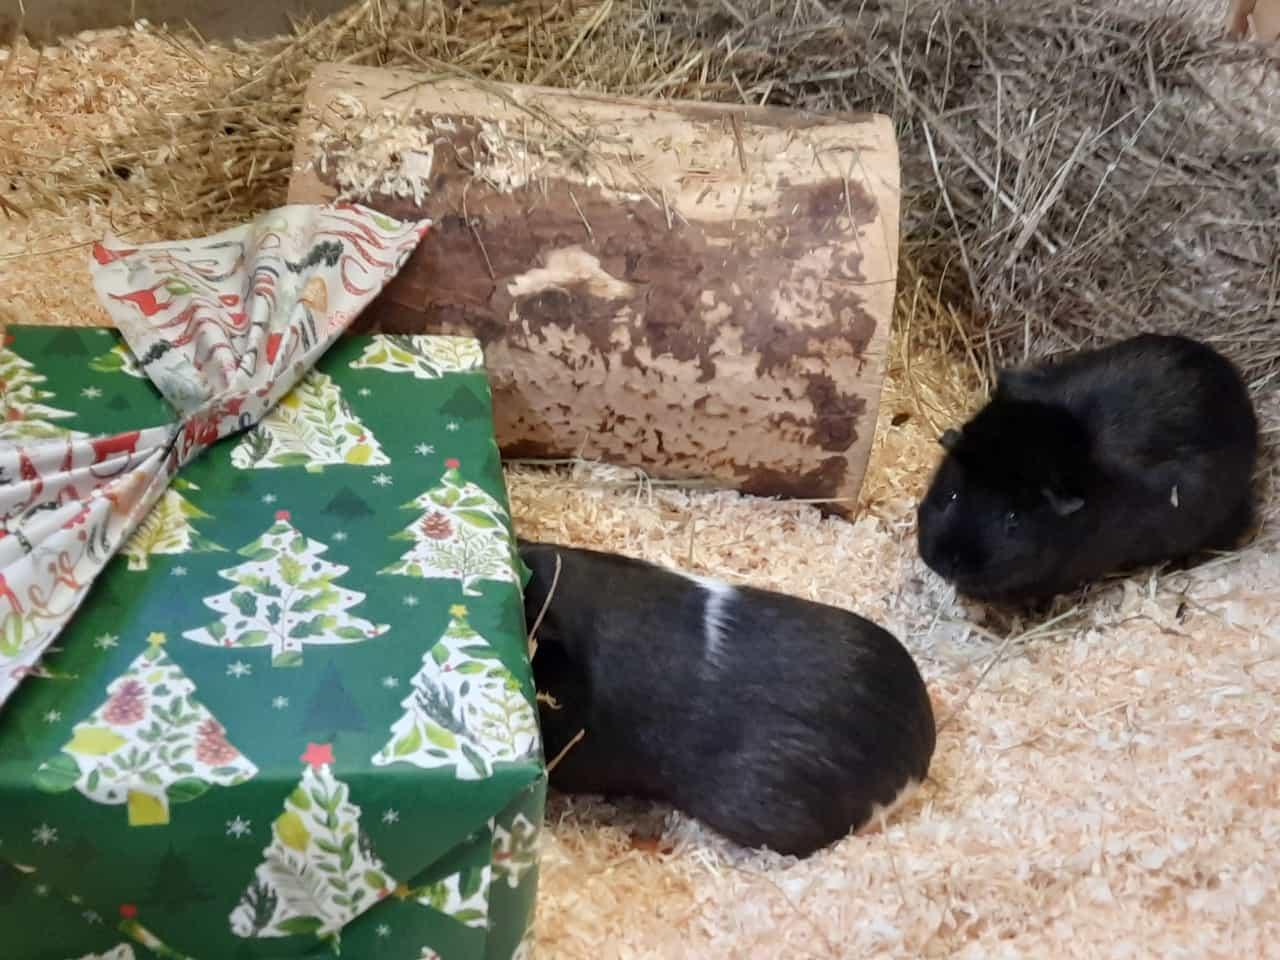 Wir wünschen schöne Weihnachten und ein gutes Neujahr